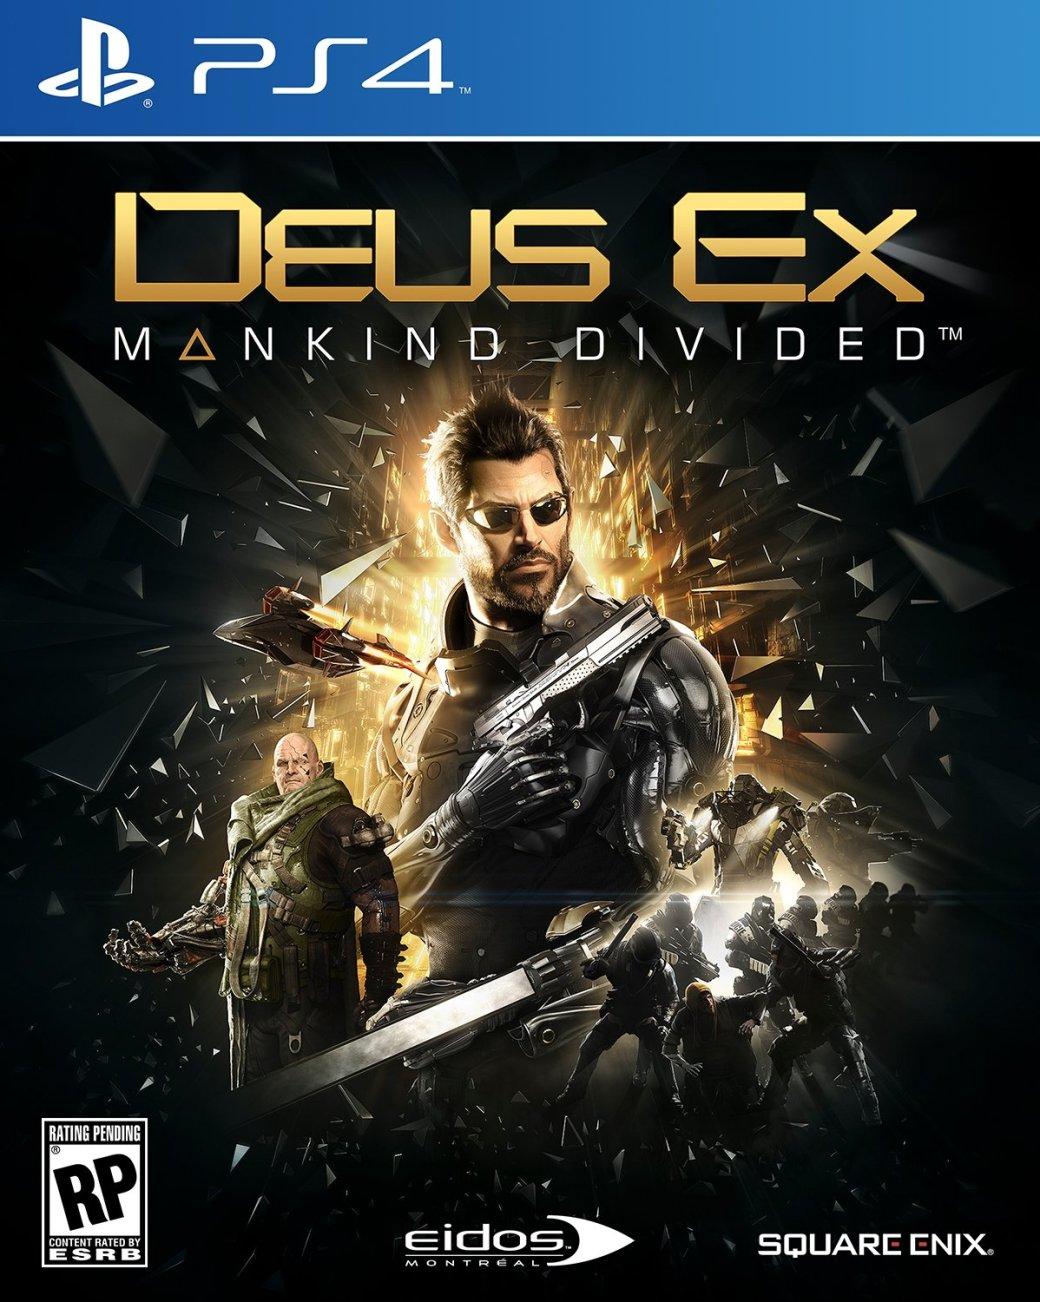 Адам вернулся: кинематографичный трейлер Deus Ex: Mankind Divided - Изображение 1